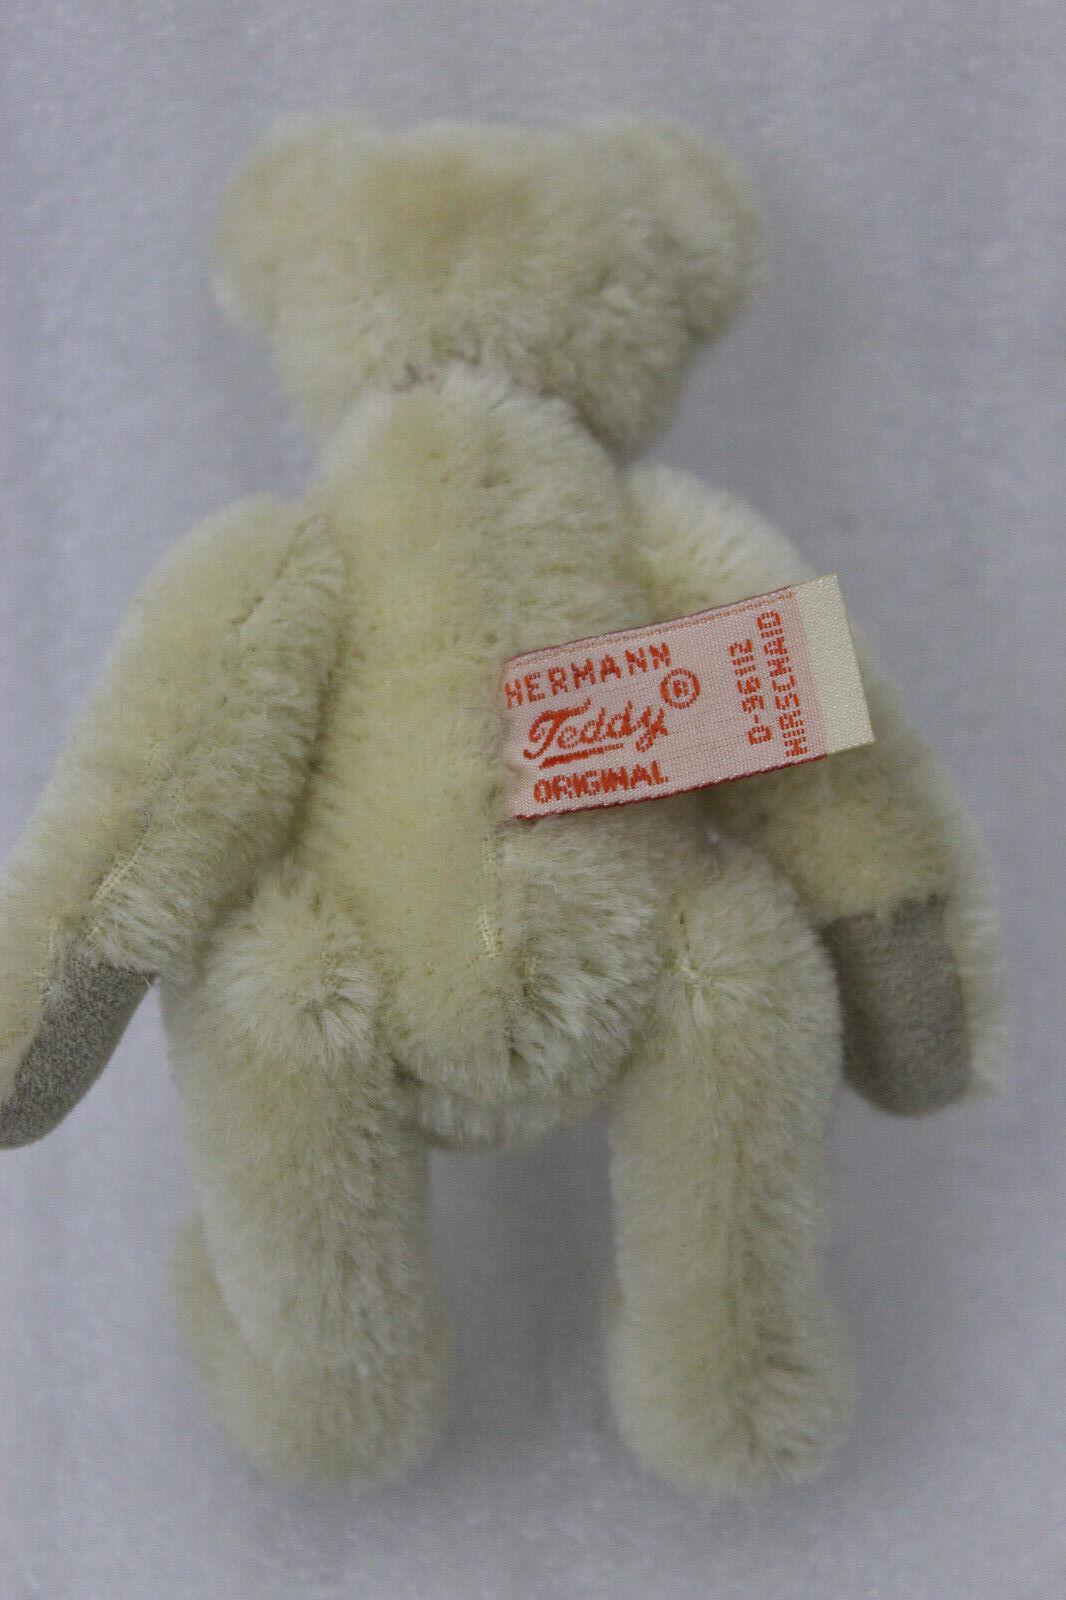 NEU Hermann Teddy Teddy Teddy Club Geschenkbär 2017 13 cm. rote Schleife 983279 158394